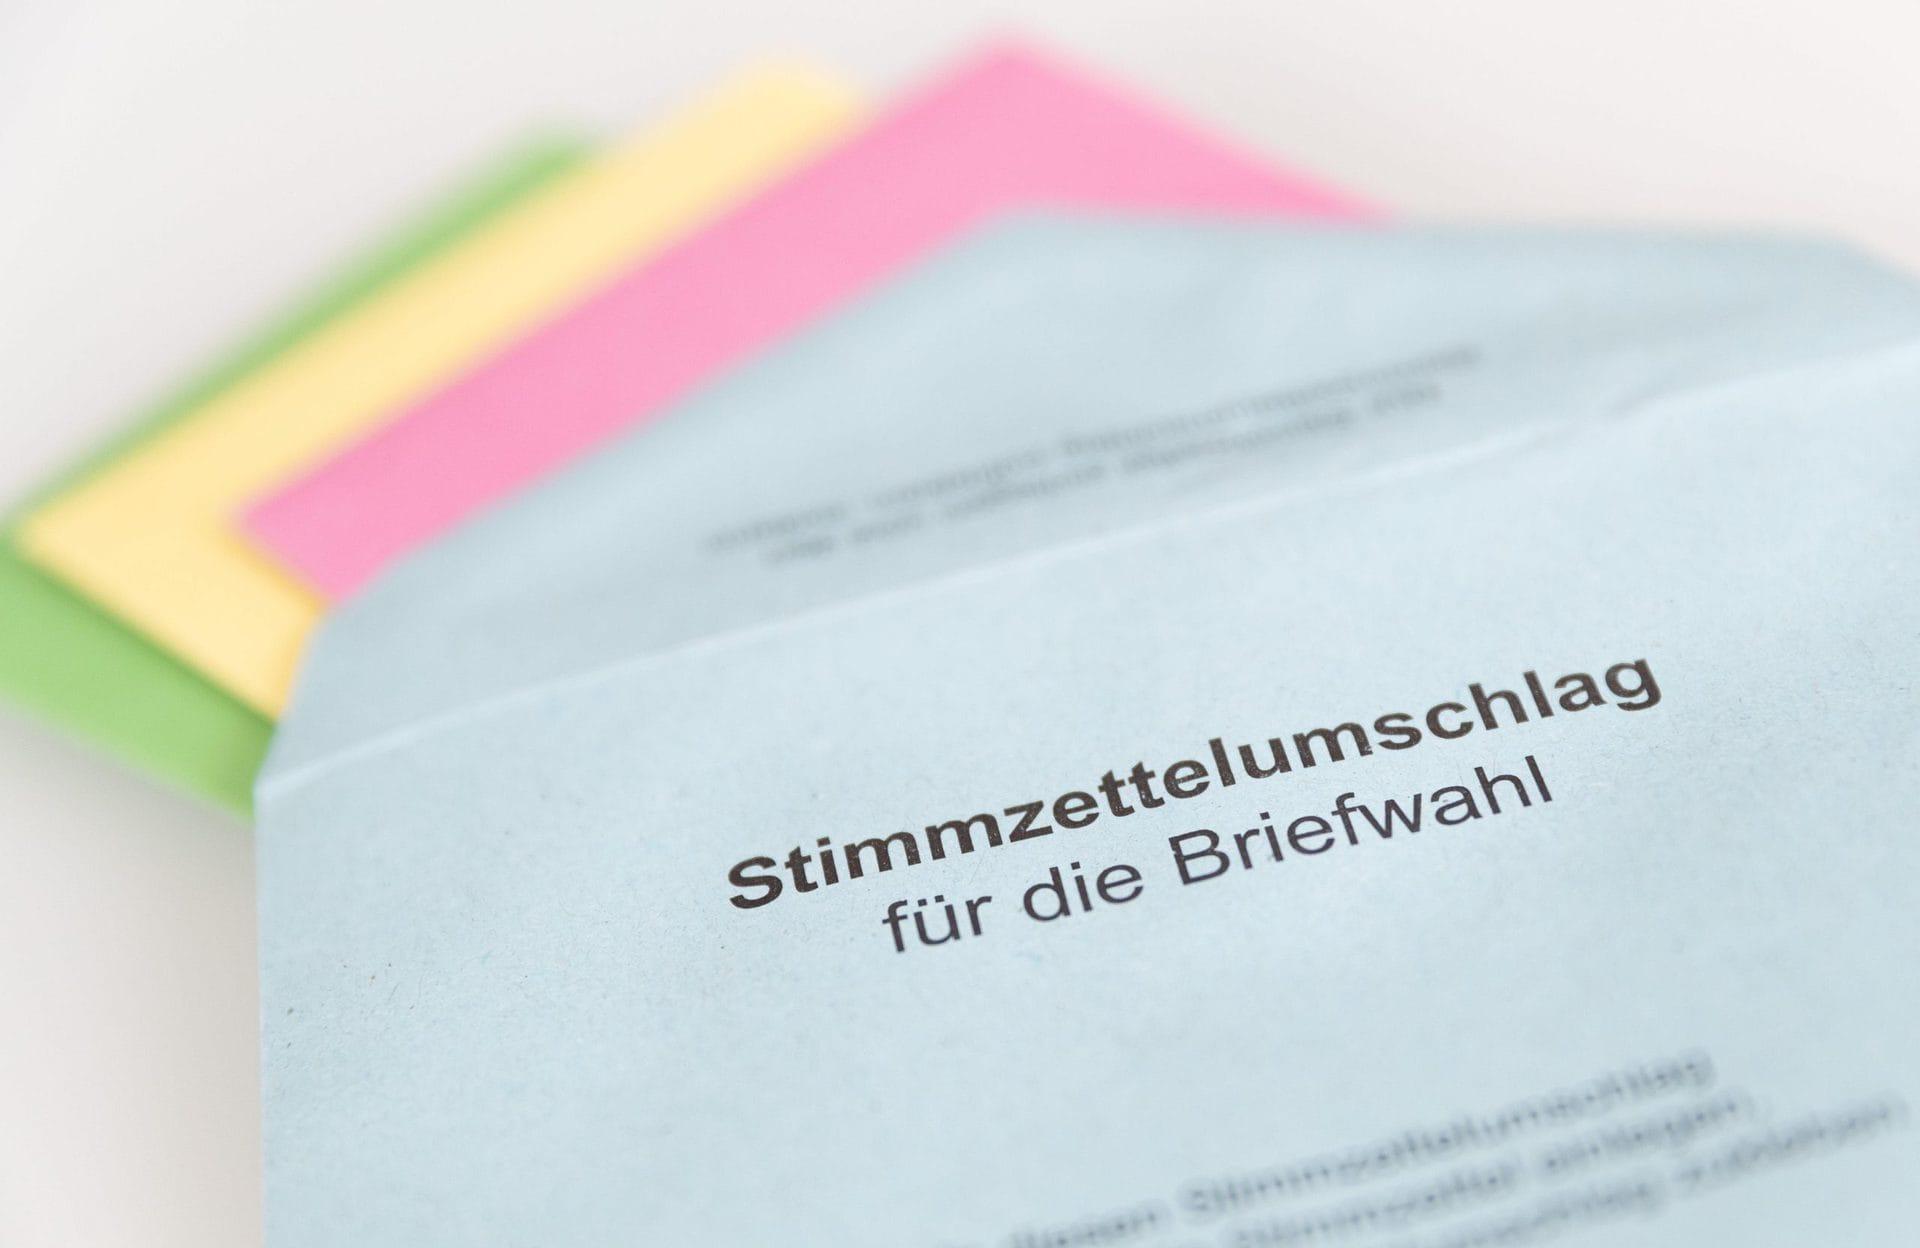 Briefwahl ist ab heute möglich Bundestagswahl